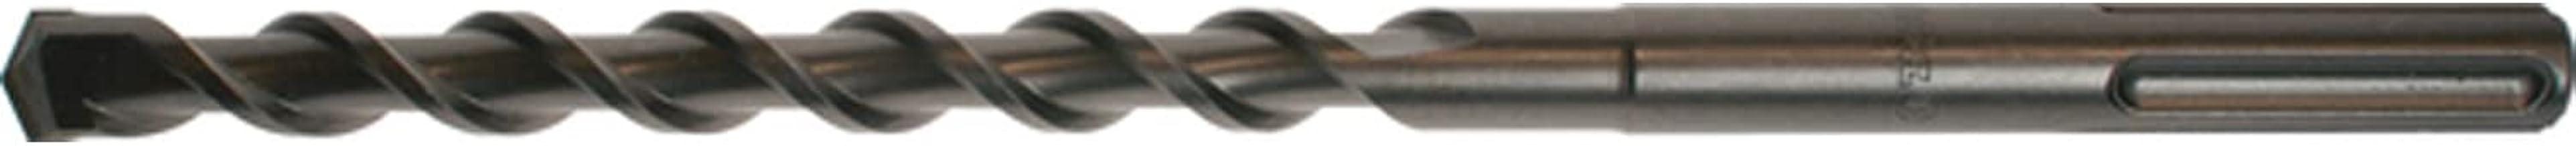 Makita Wiertło SDS-Max, 12 x 540 mm, D-33881